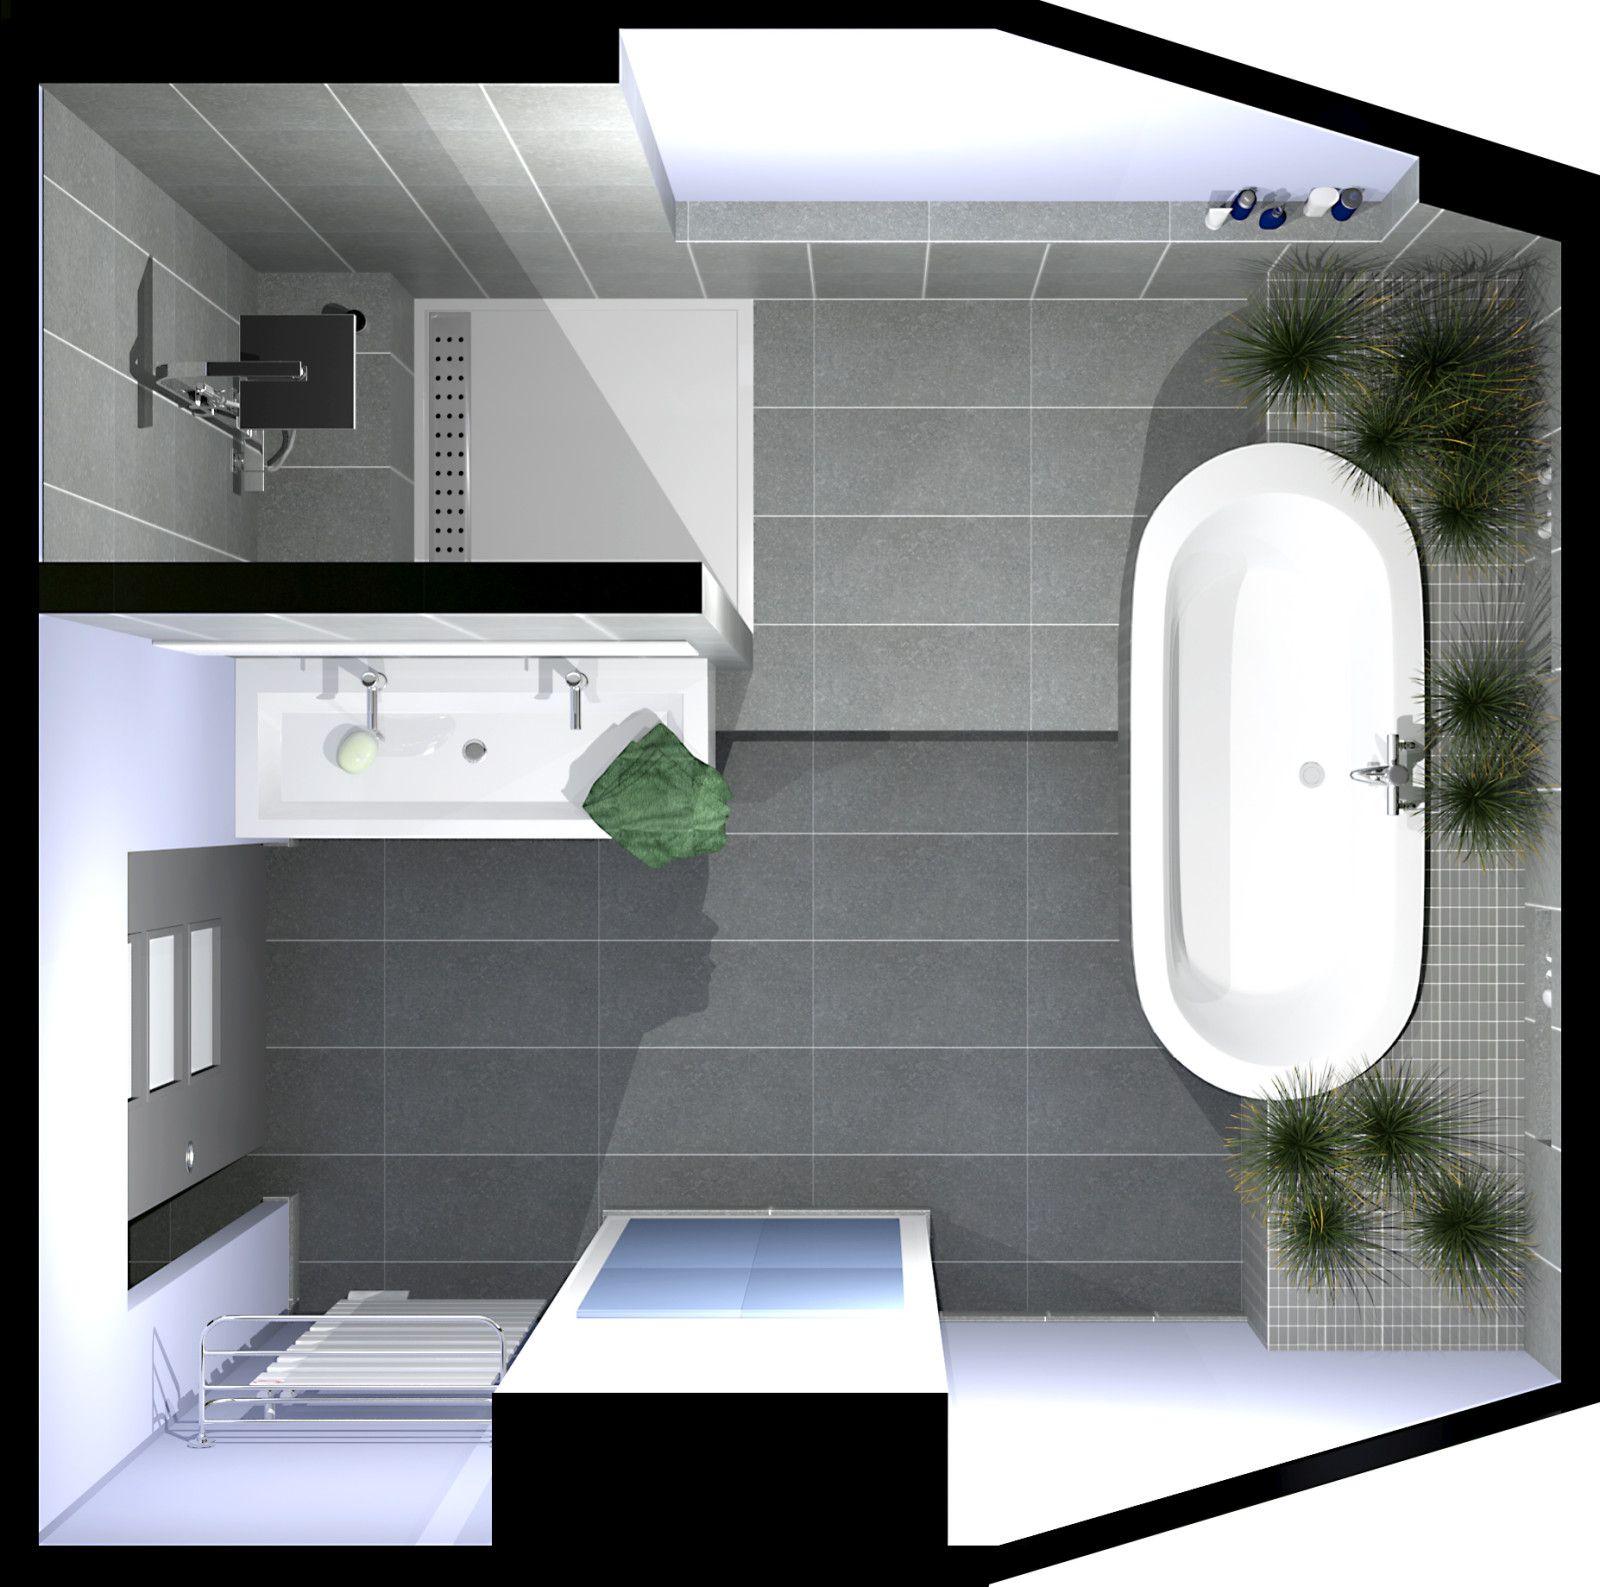 Epingle Sur Bathrooms